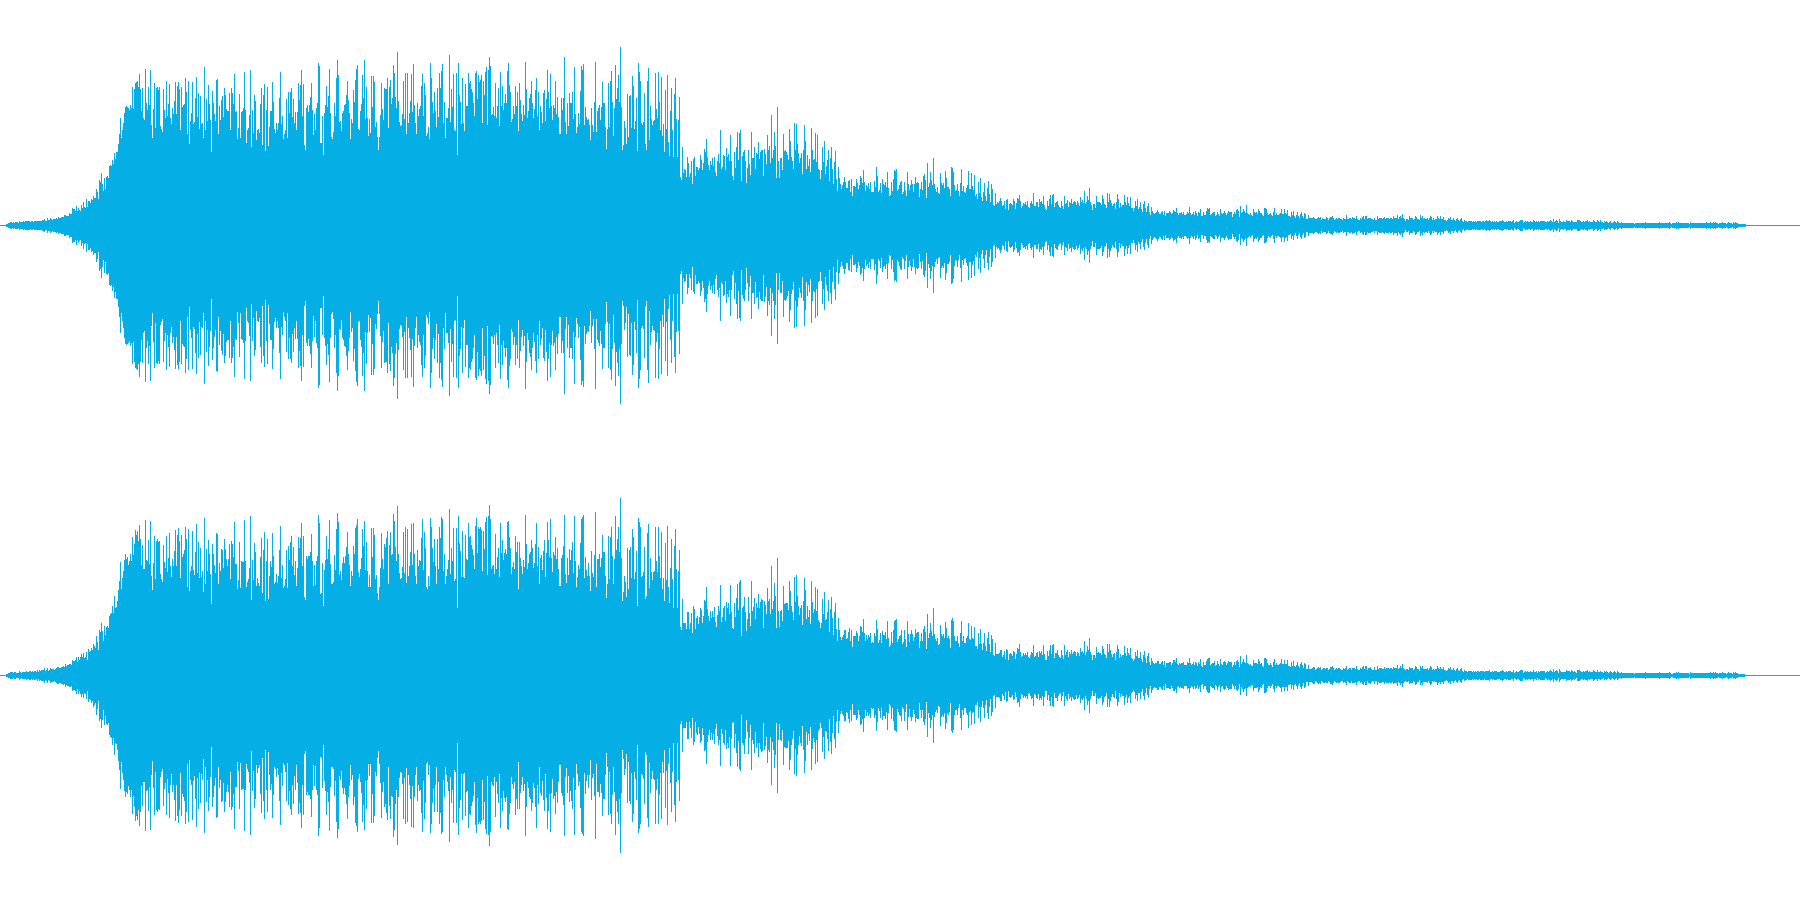 流れるようなシャープな効果音の再生済みの波形